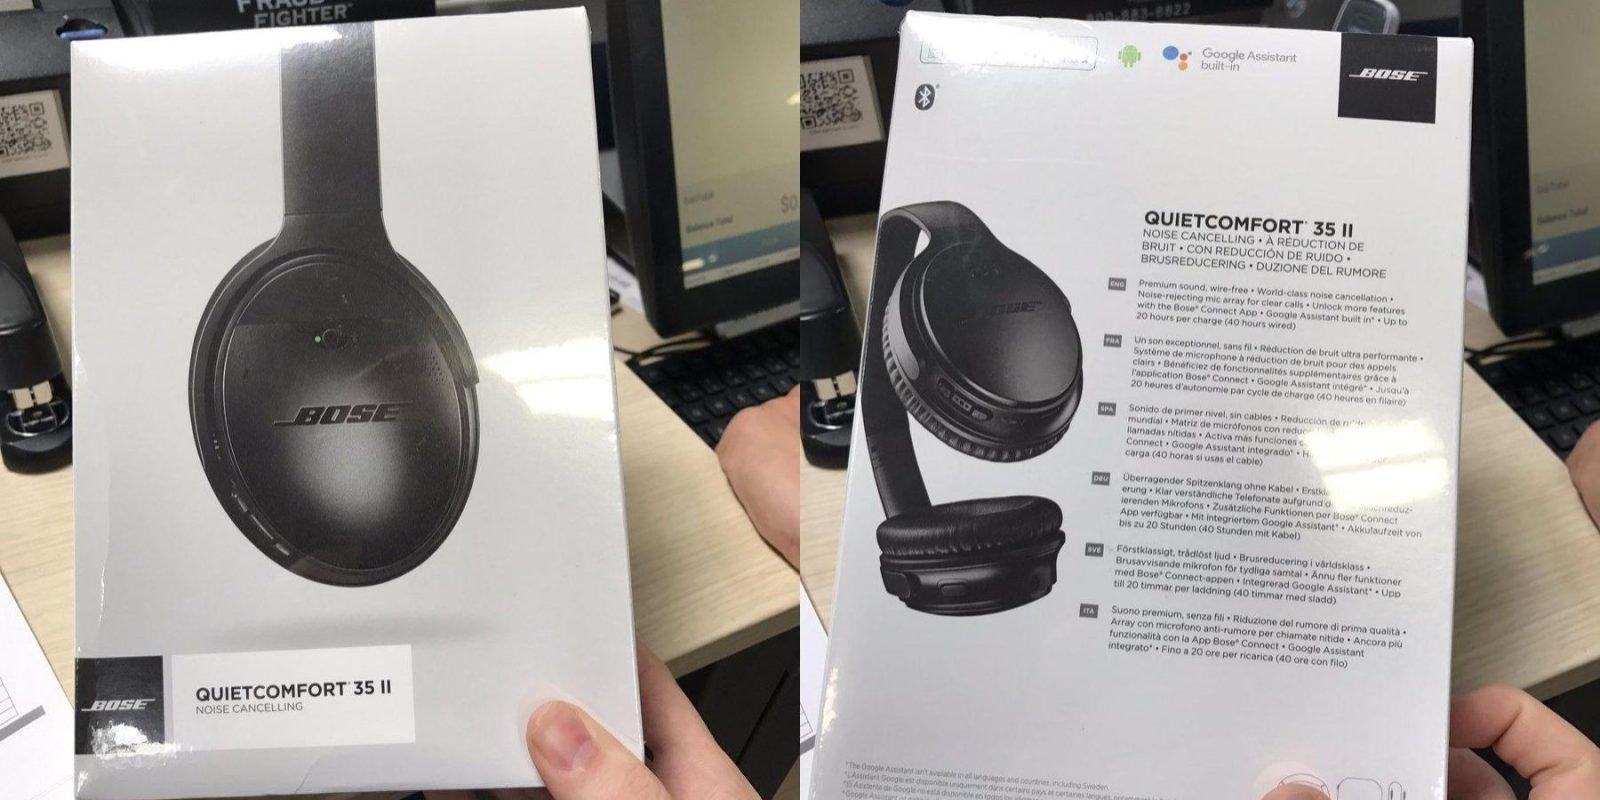 79ab192bed5 Bose QuietComfort 35 II hits Best Buy w/ $349 price for Google Assistant's  'bisto' headphones